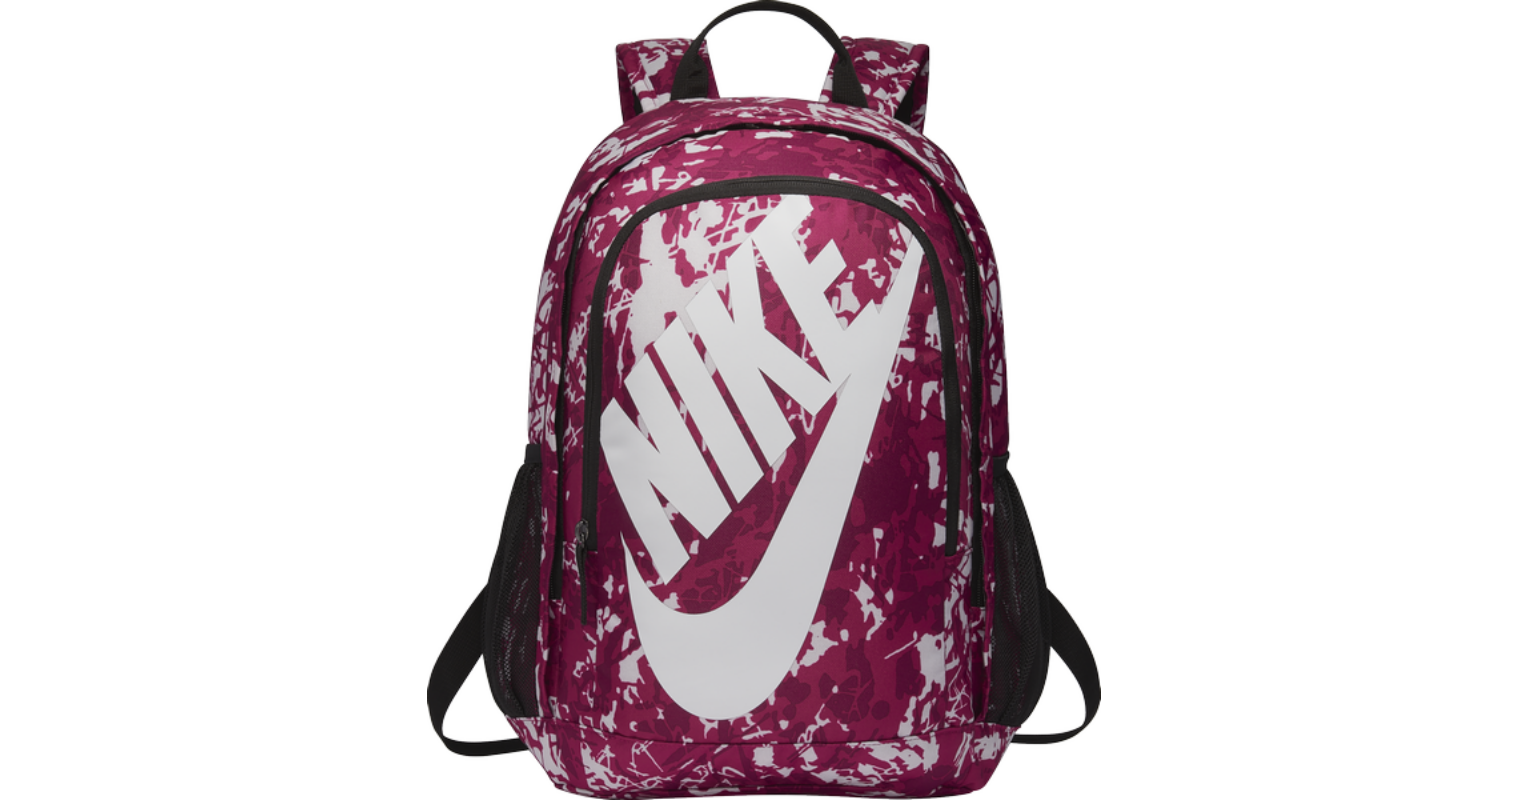 780f3e79db83 Nike Hayward Futura 2.0 Print Hátizsák Ba5273-607 - Túra és szabadidős  hátizsákok - Táska webáruház - Minőségi táskák mindenkinek